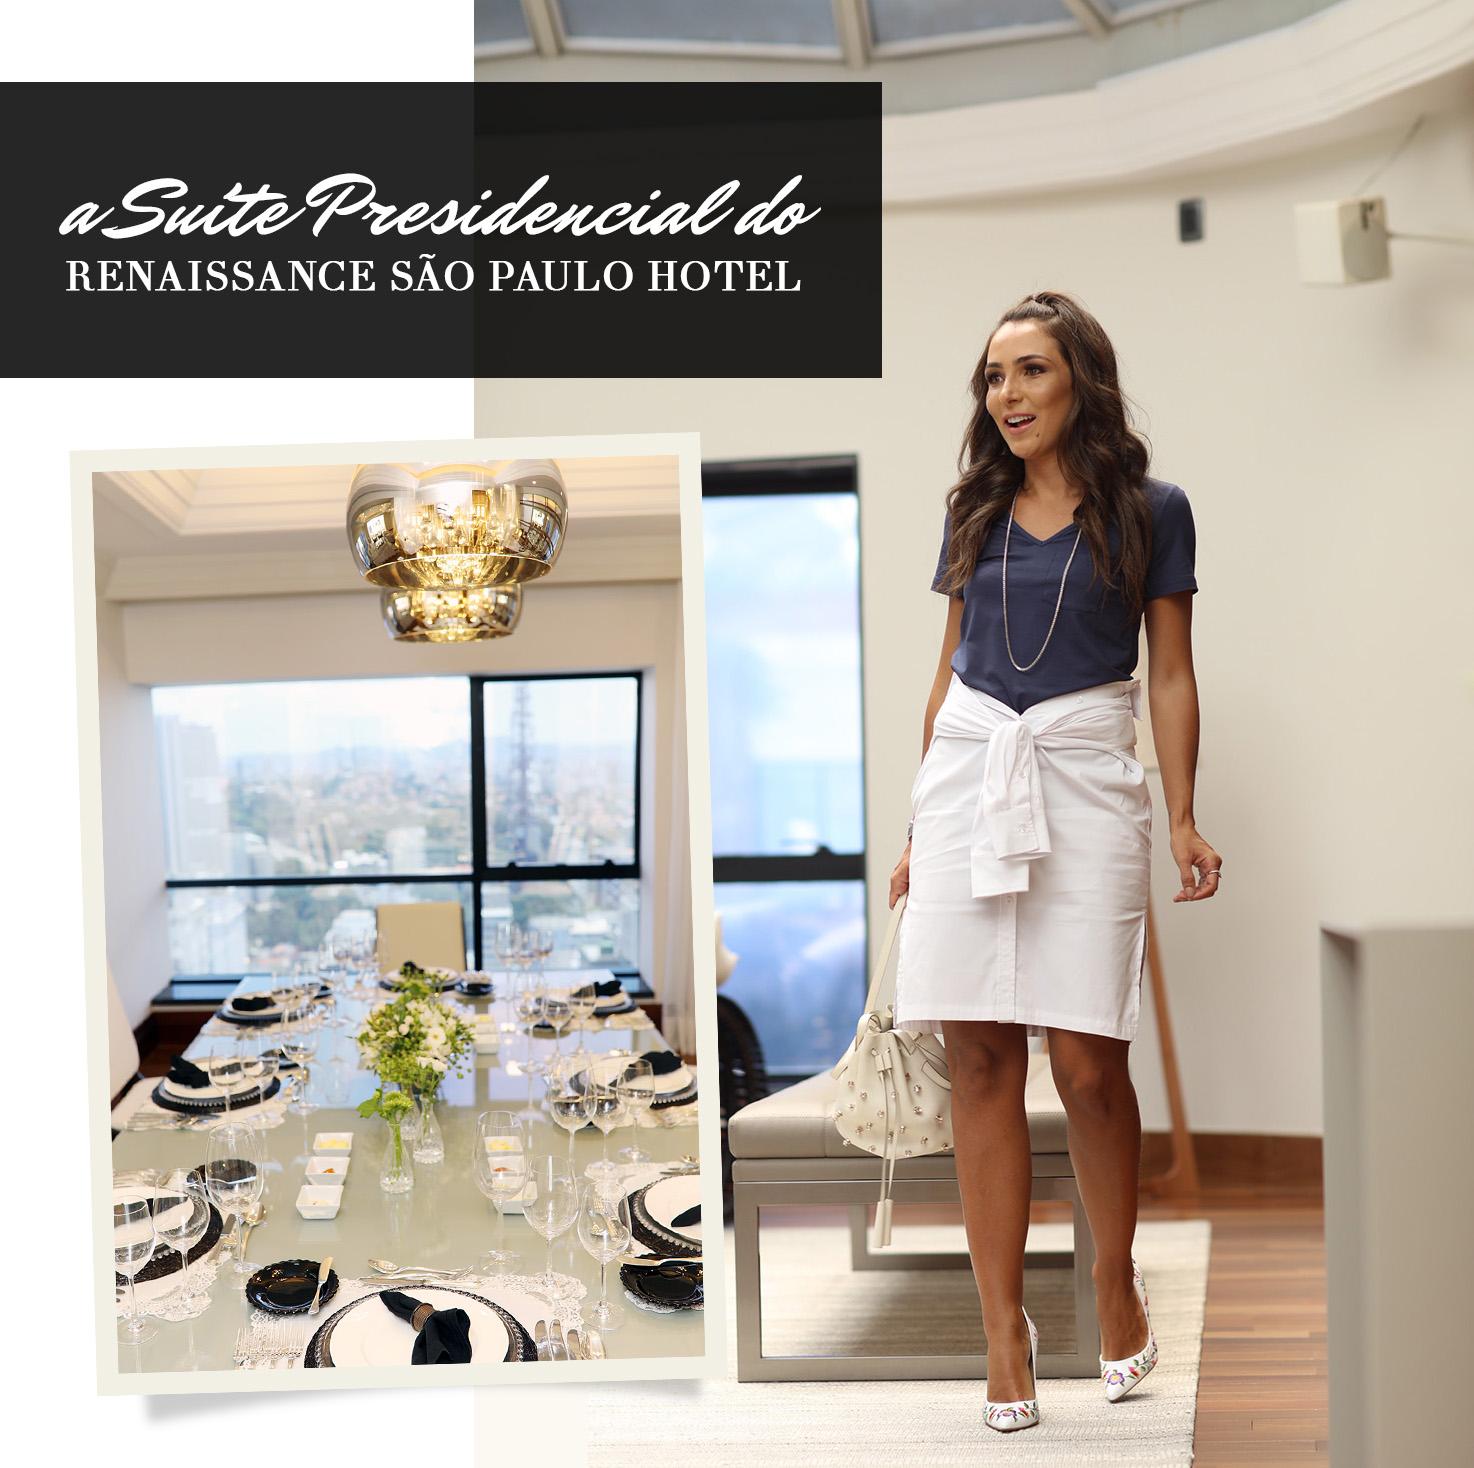 suite-presidencial